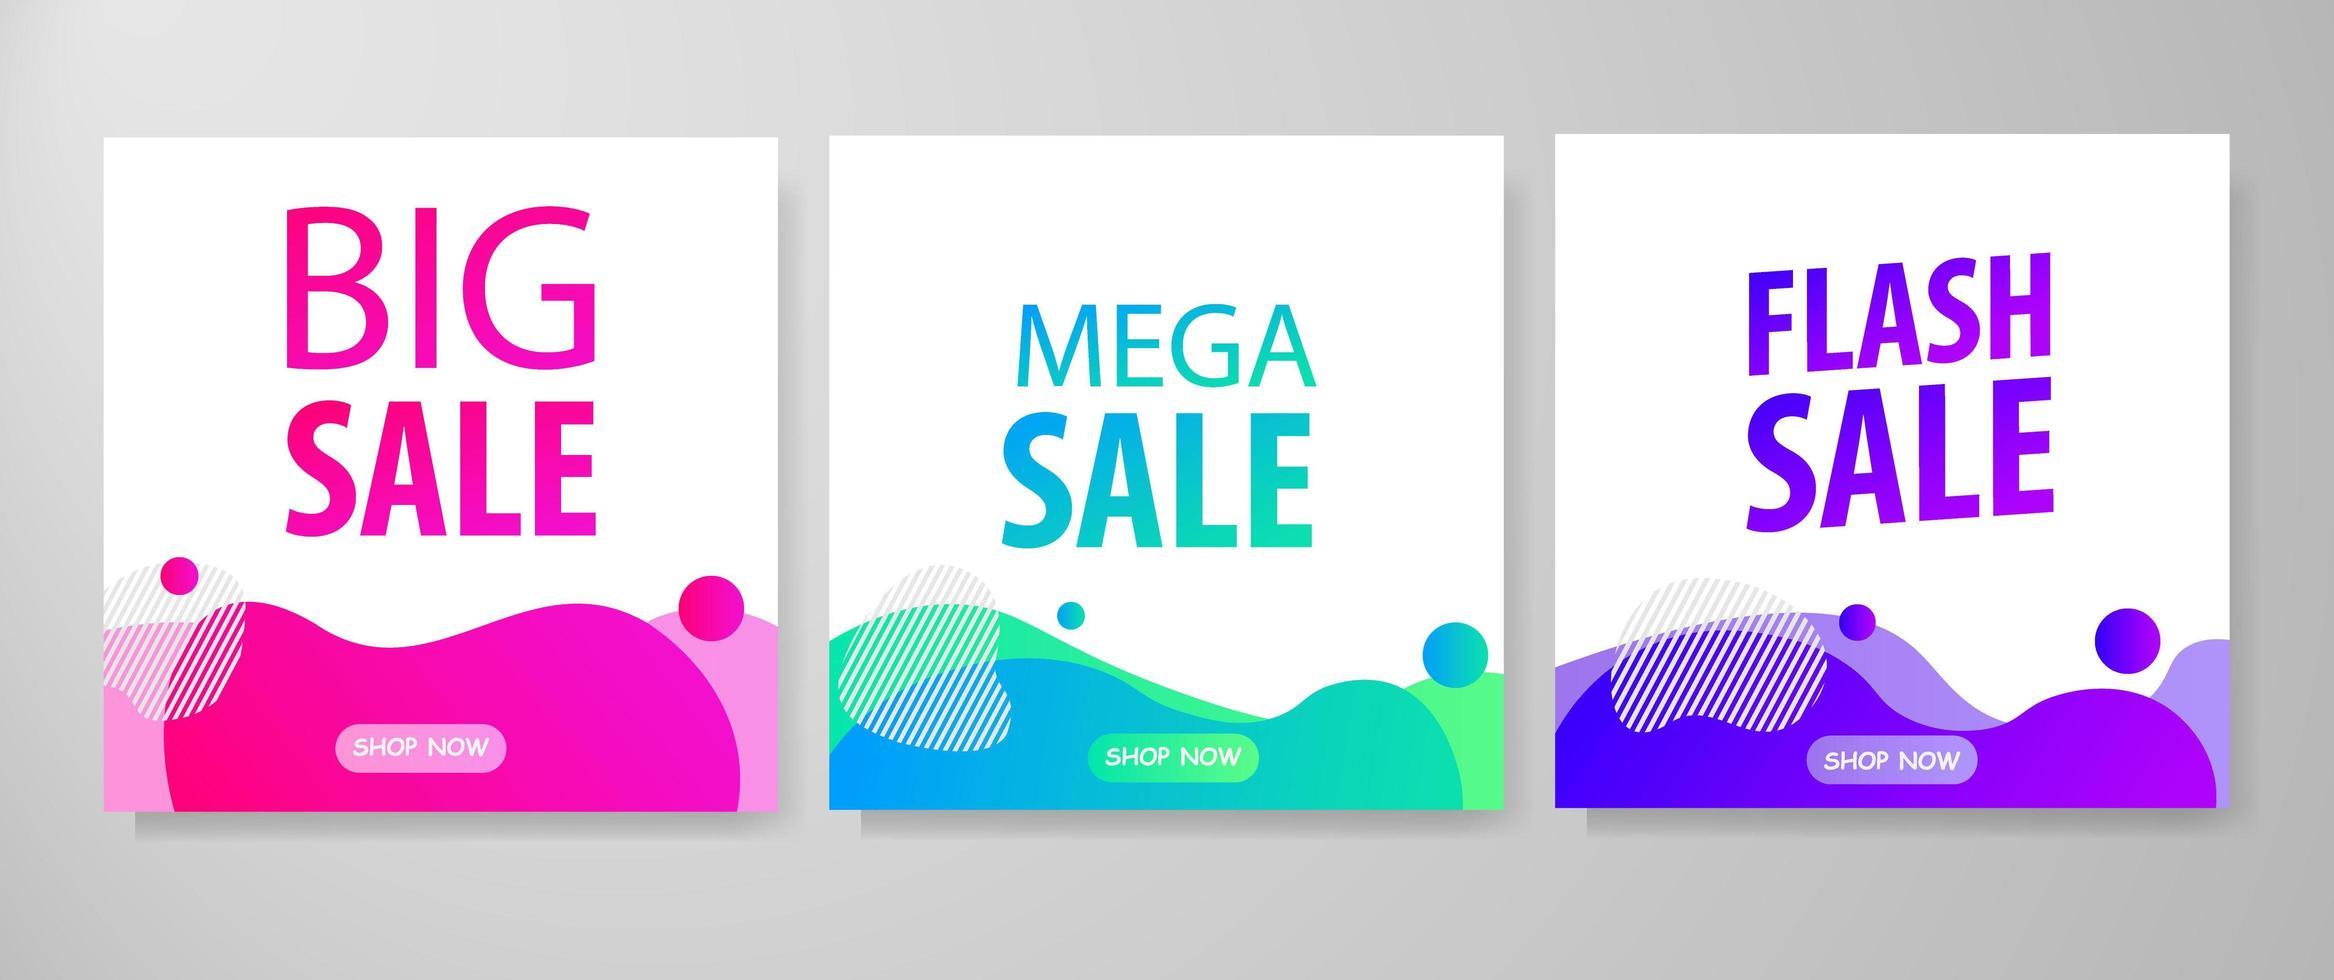 Verkaufsvorlage Design vektor